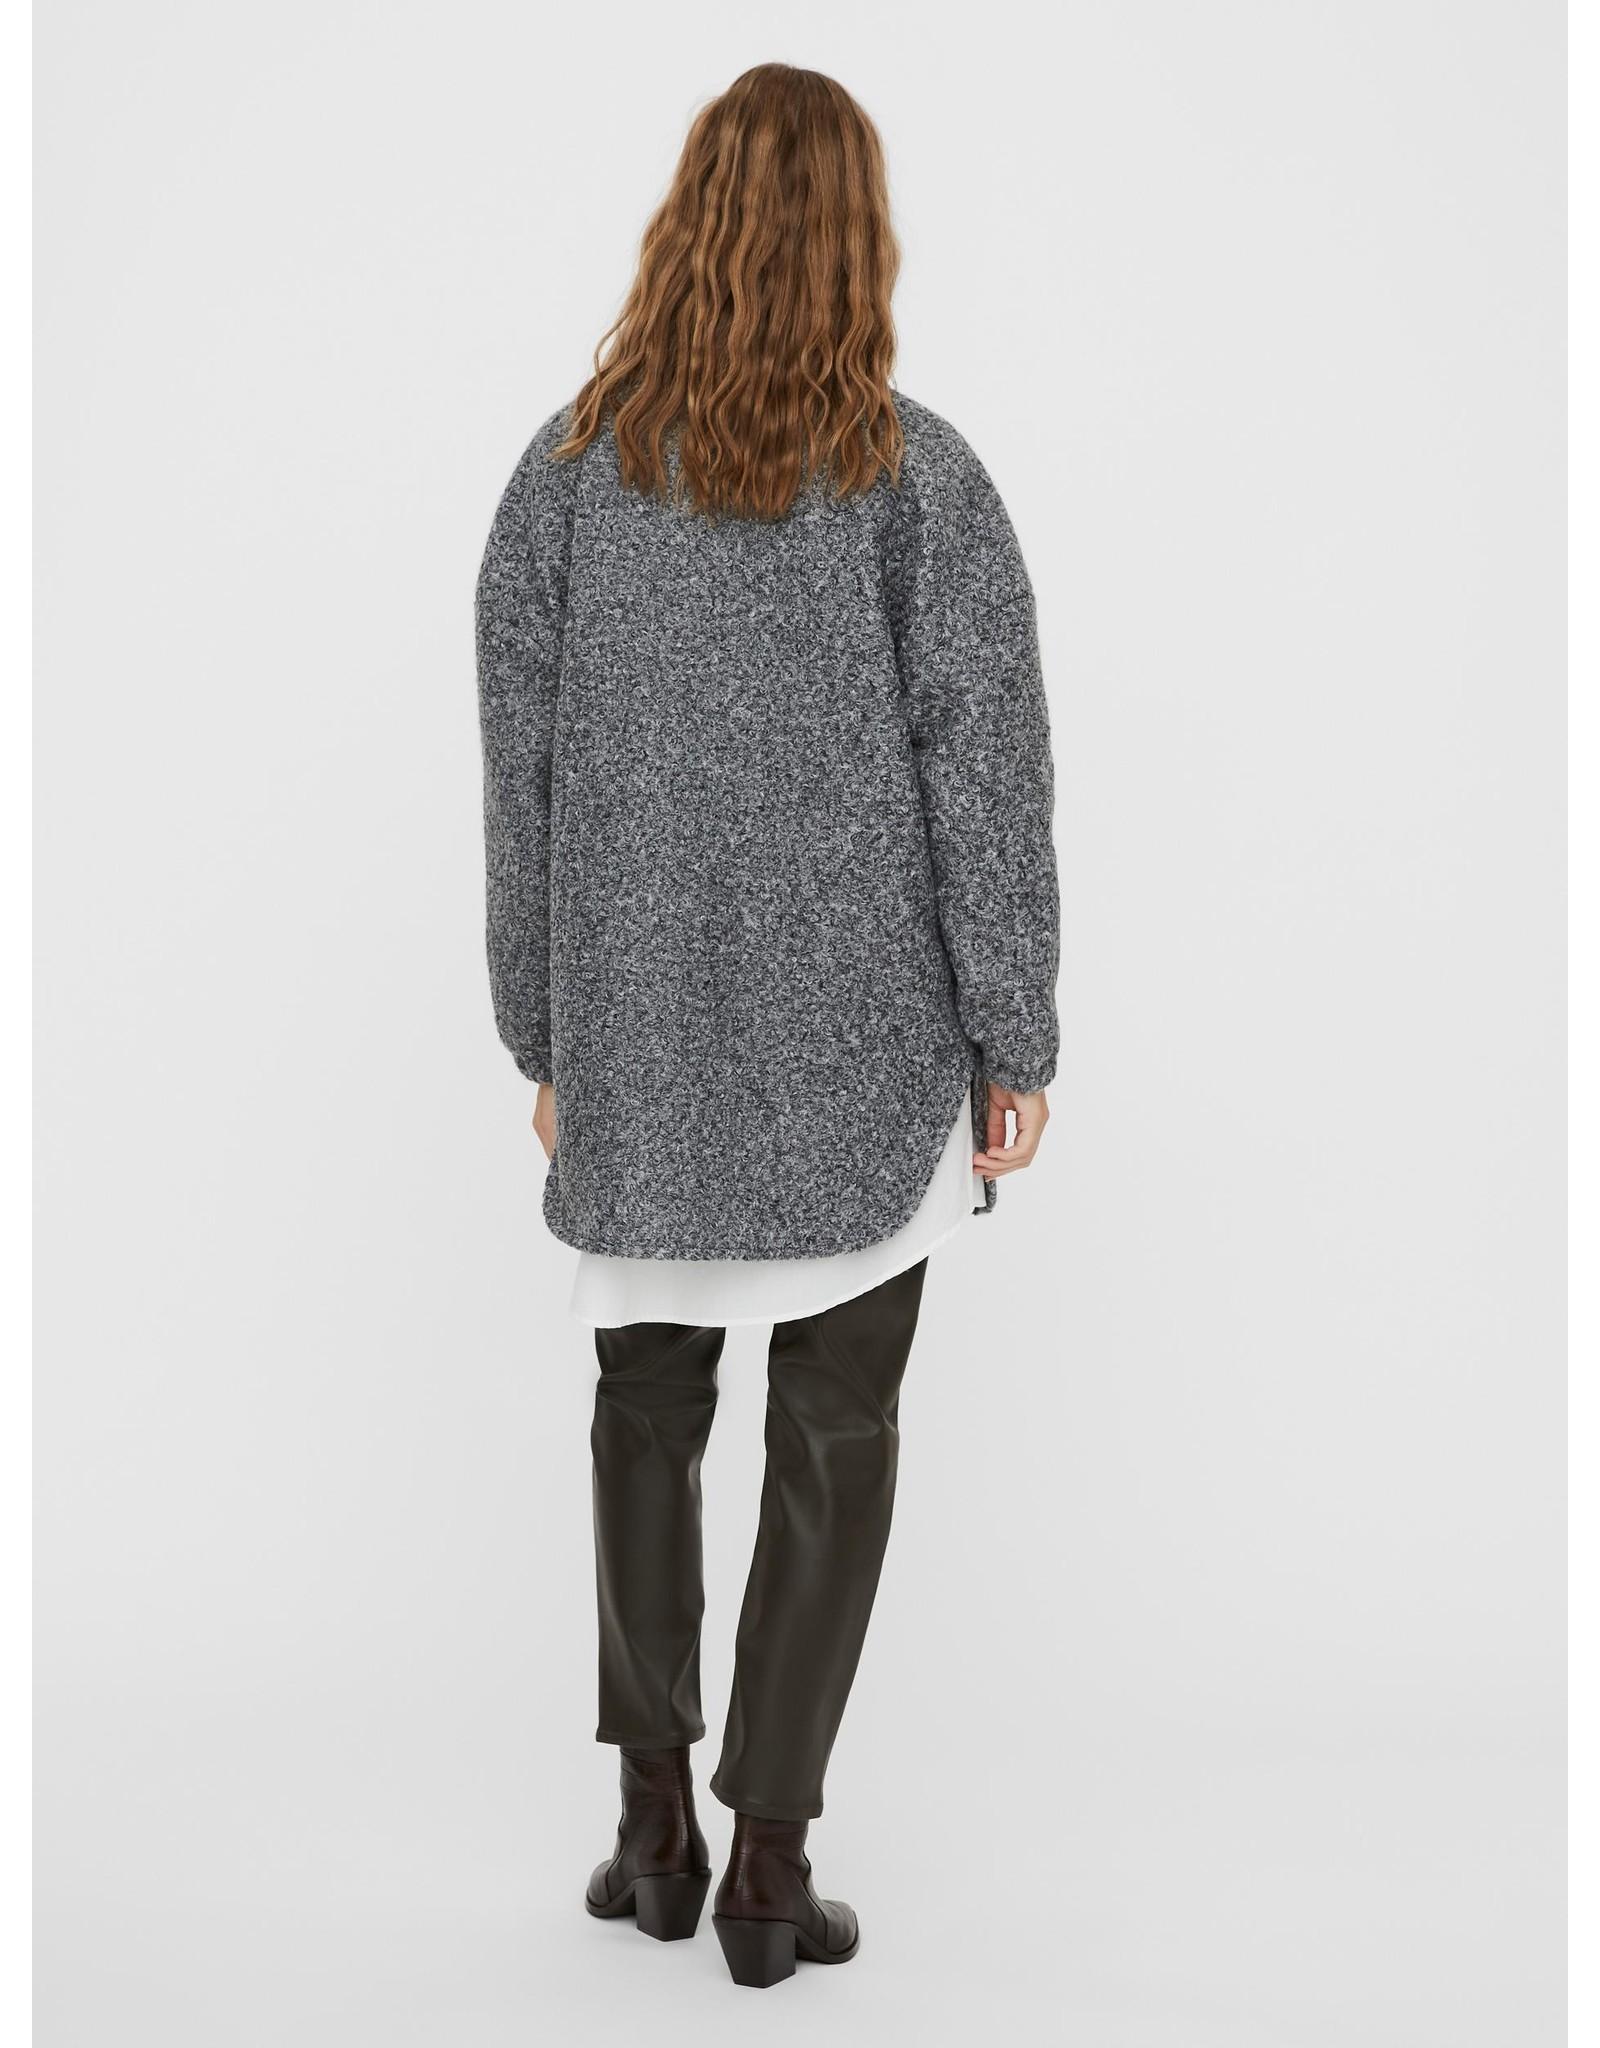 Vero Moda - Twirlanna Shacket